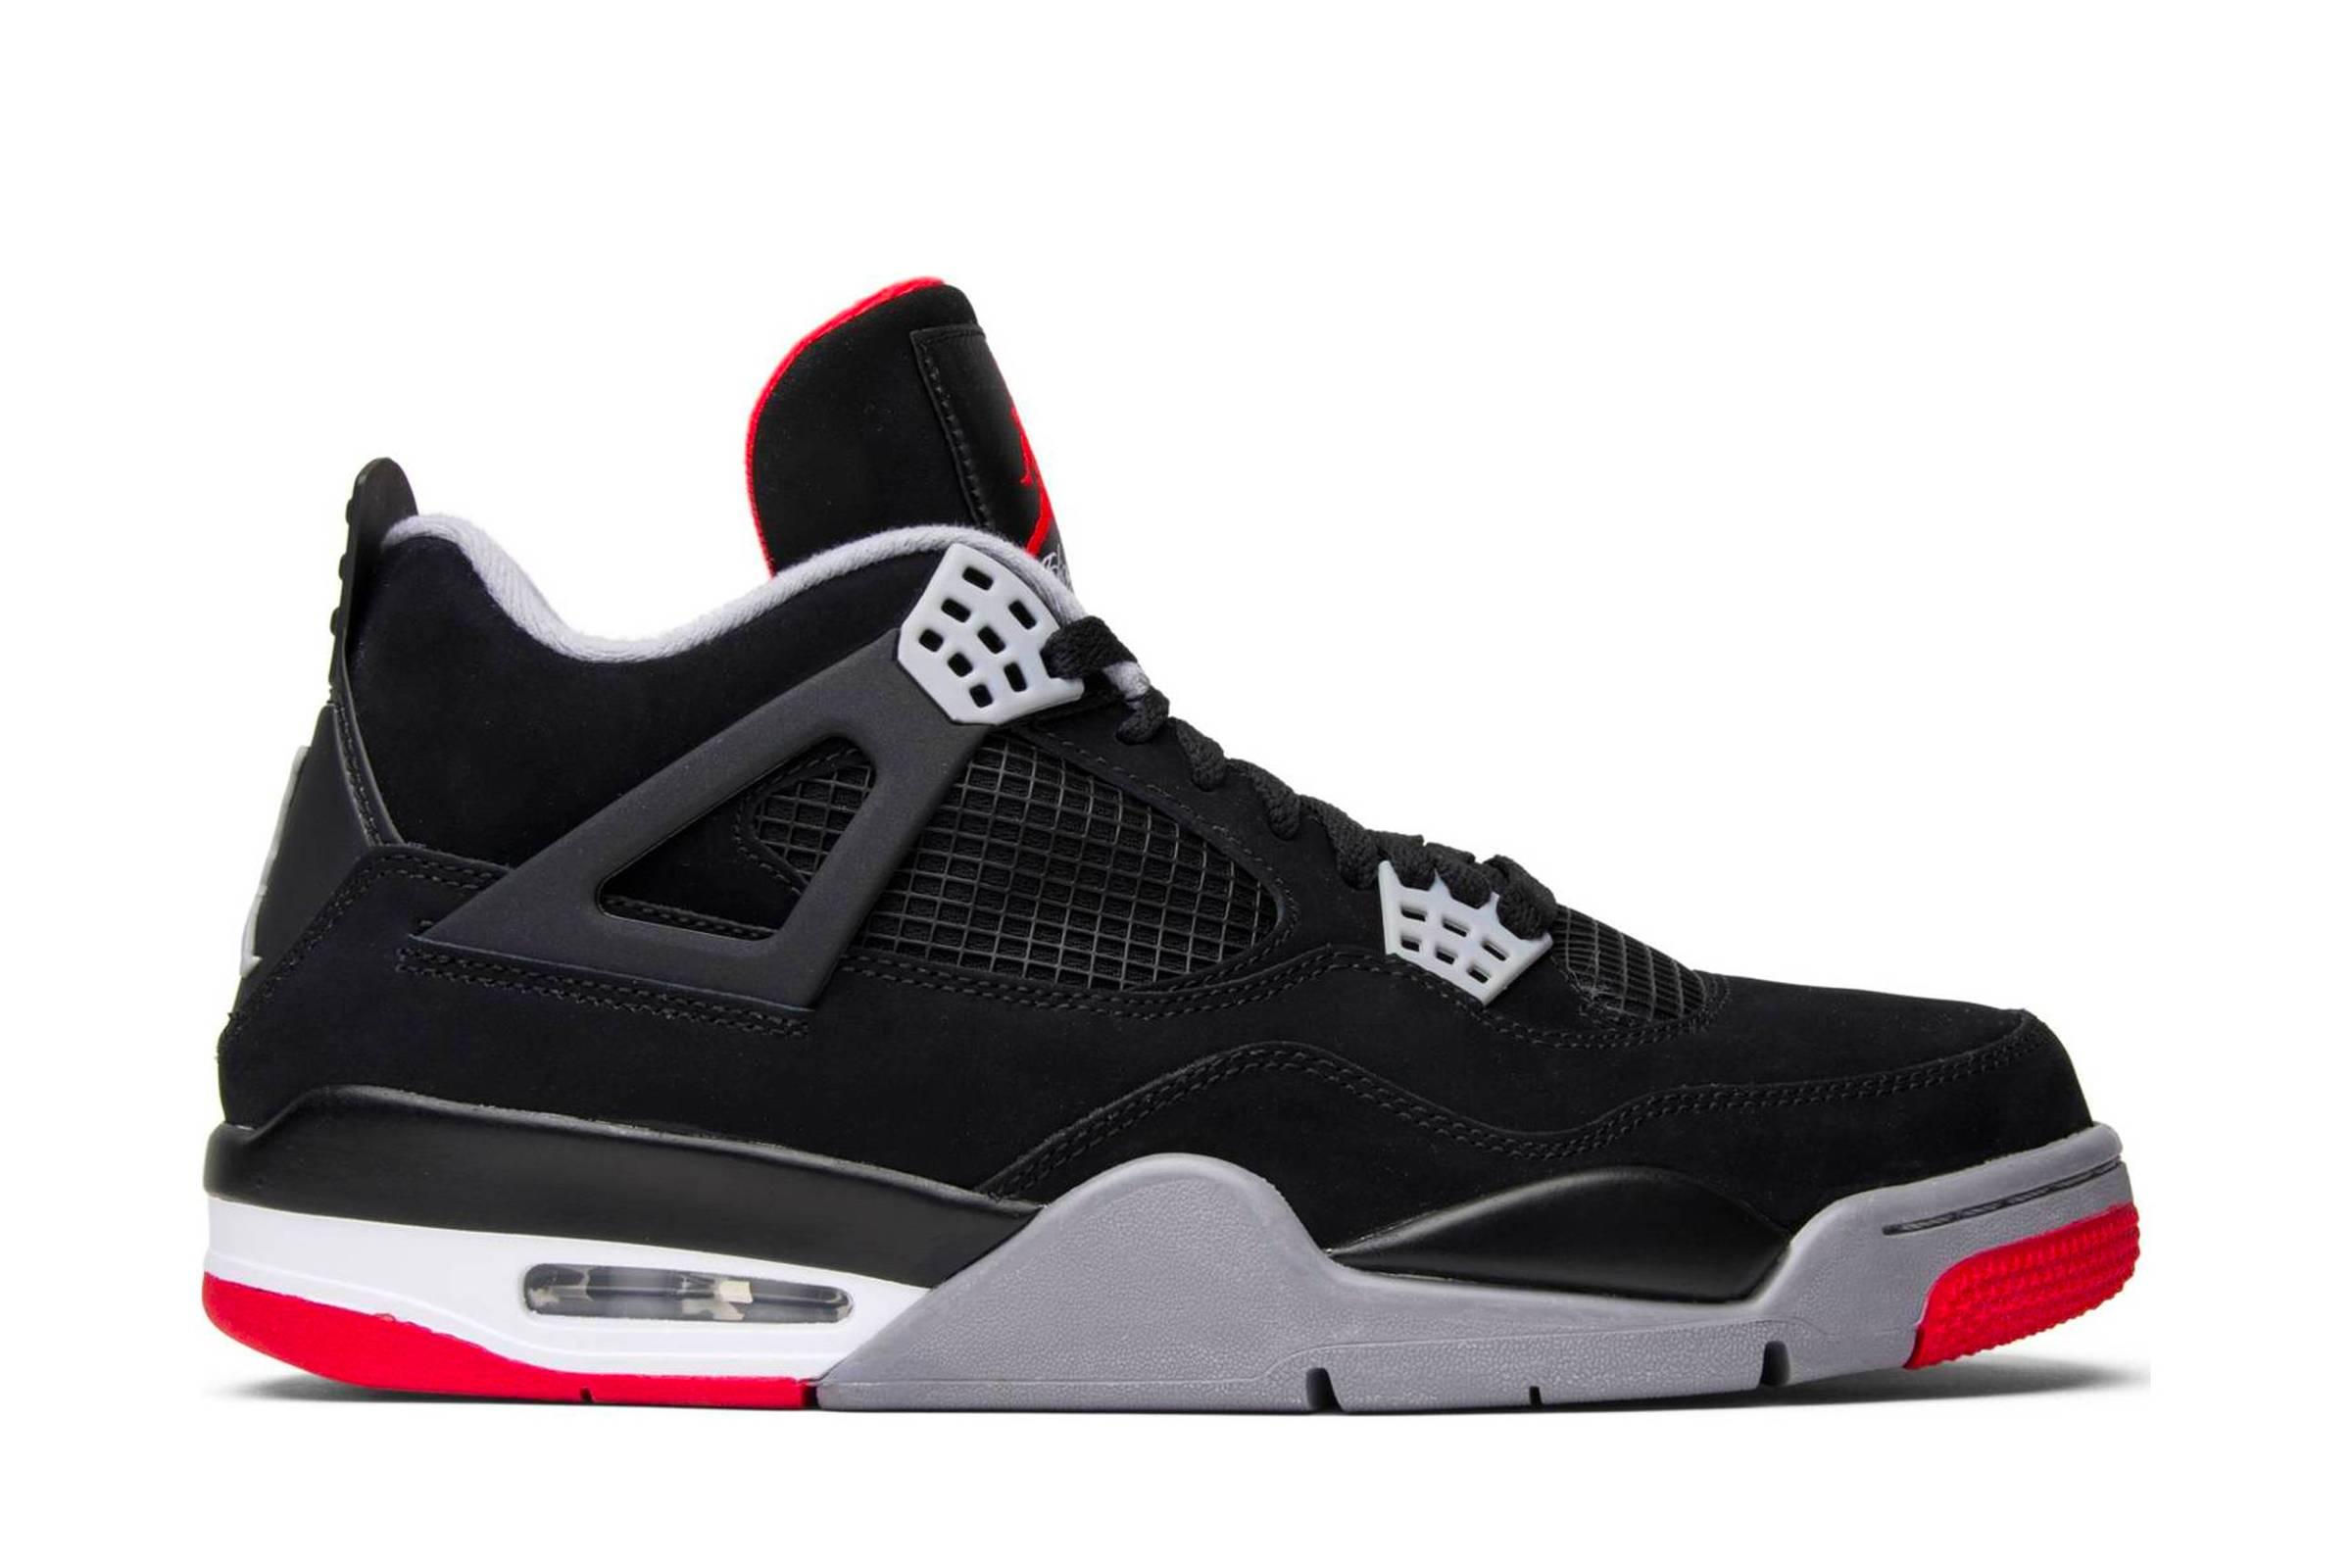 6. Jordan IV